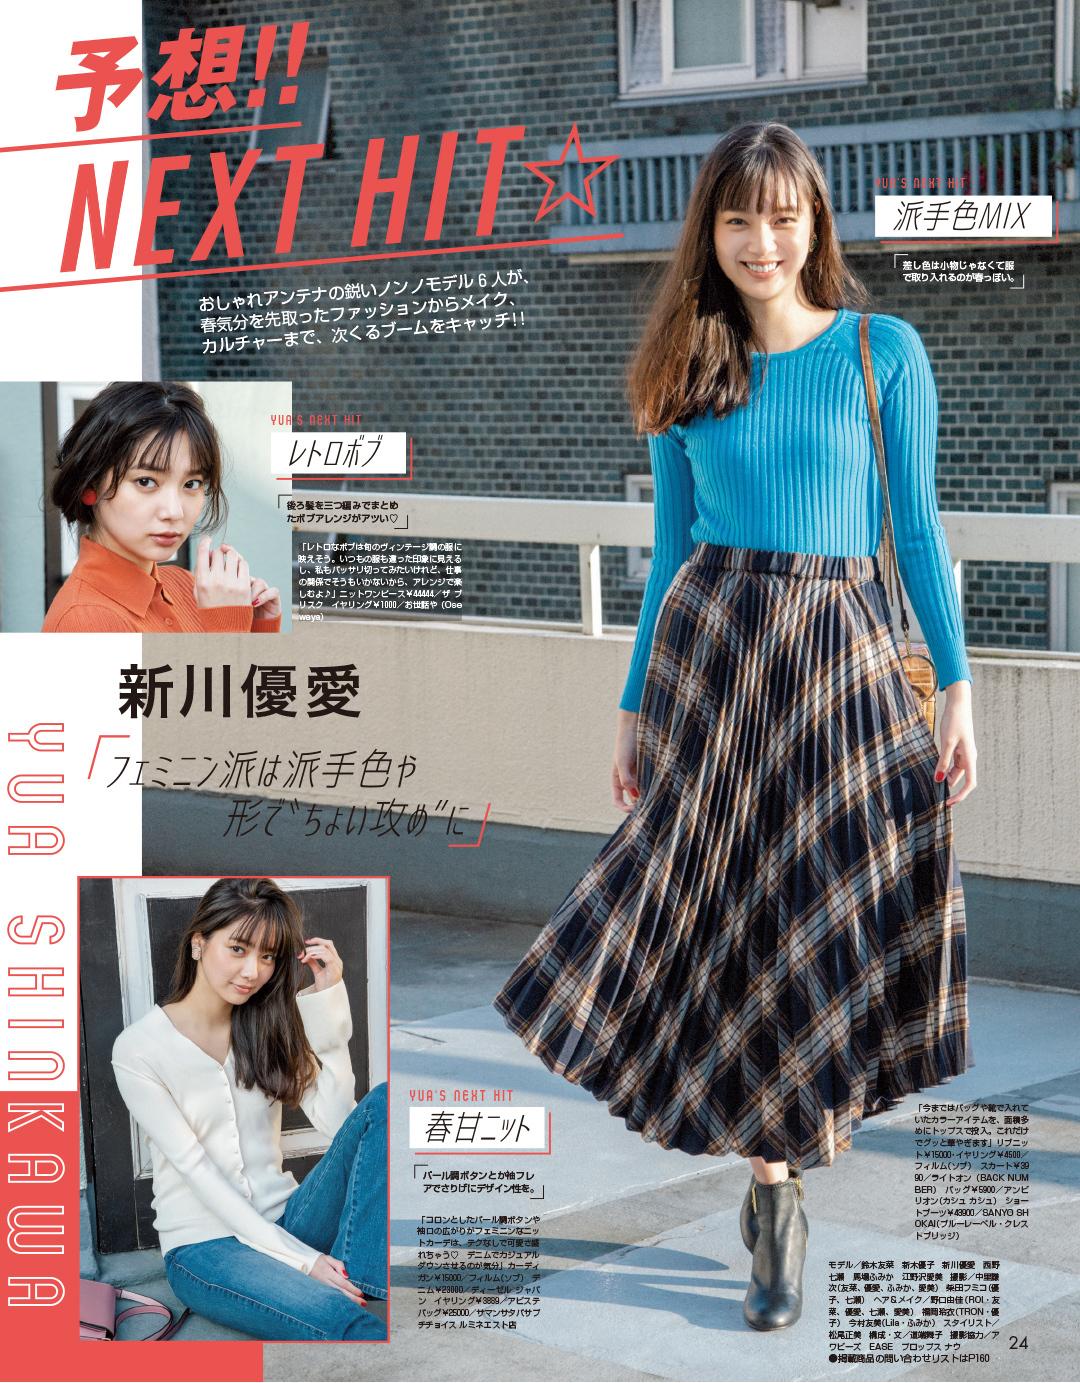 ノンノモデルが大胆予想 2019のNEXT HIT☆